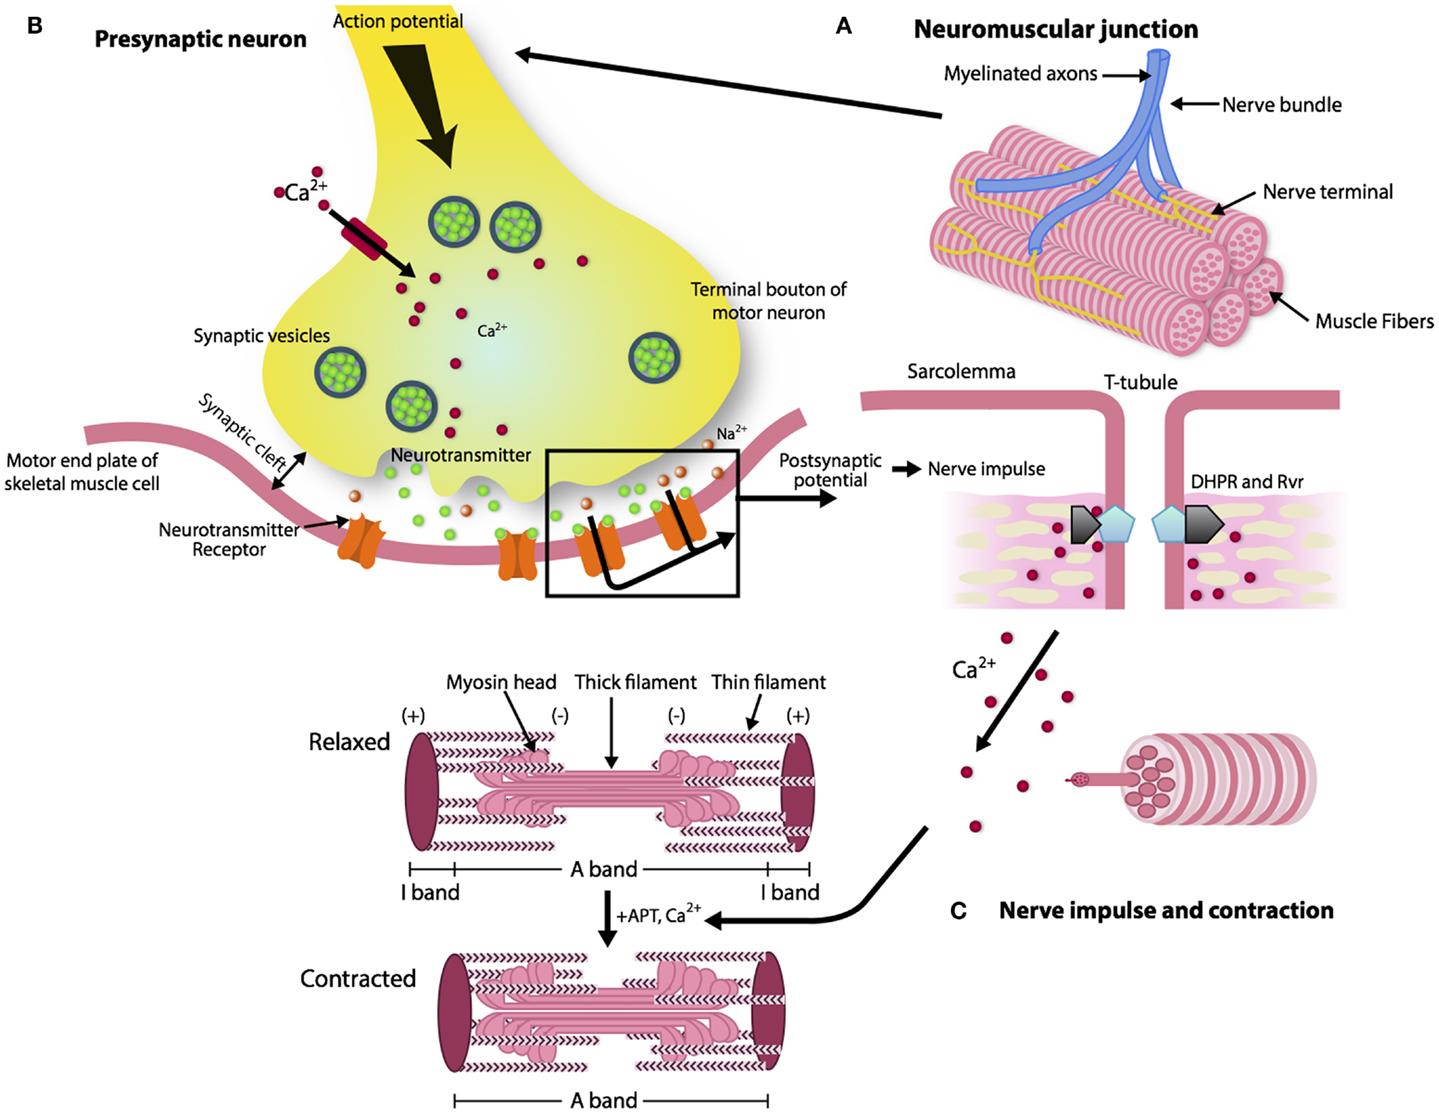 Neuromuscular Junction Model